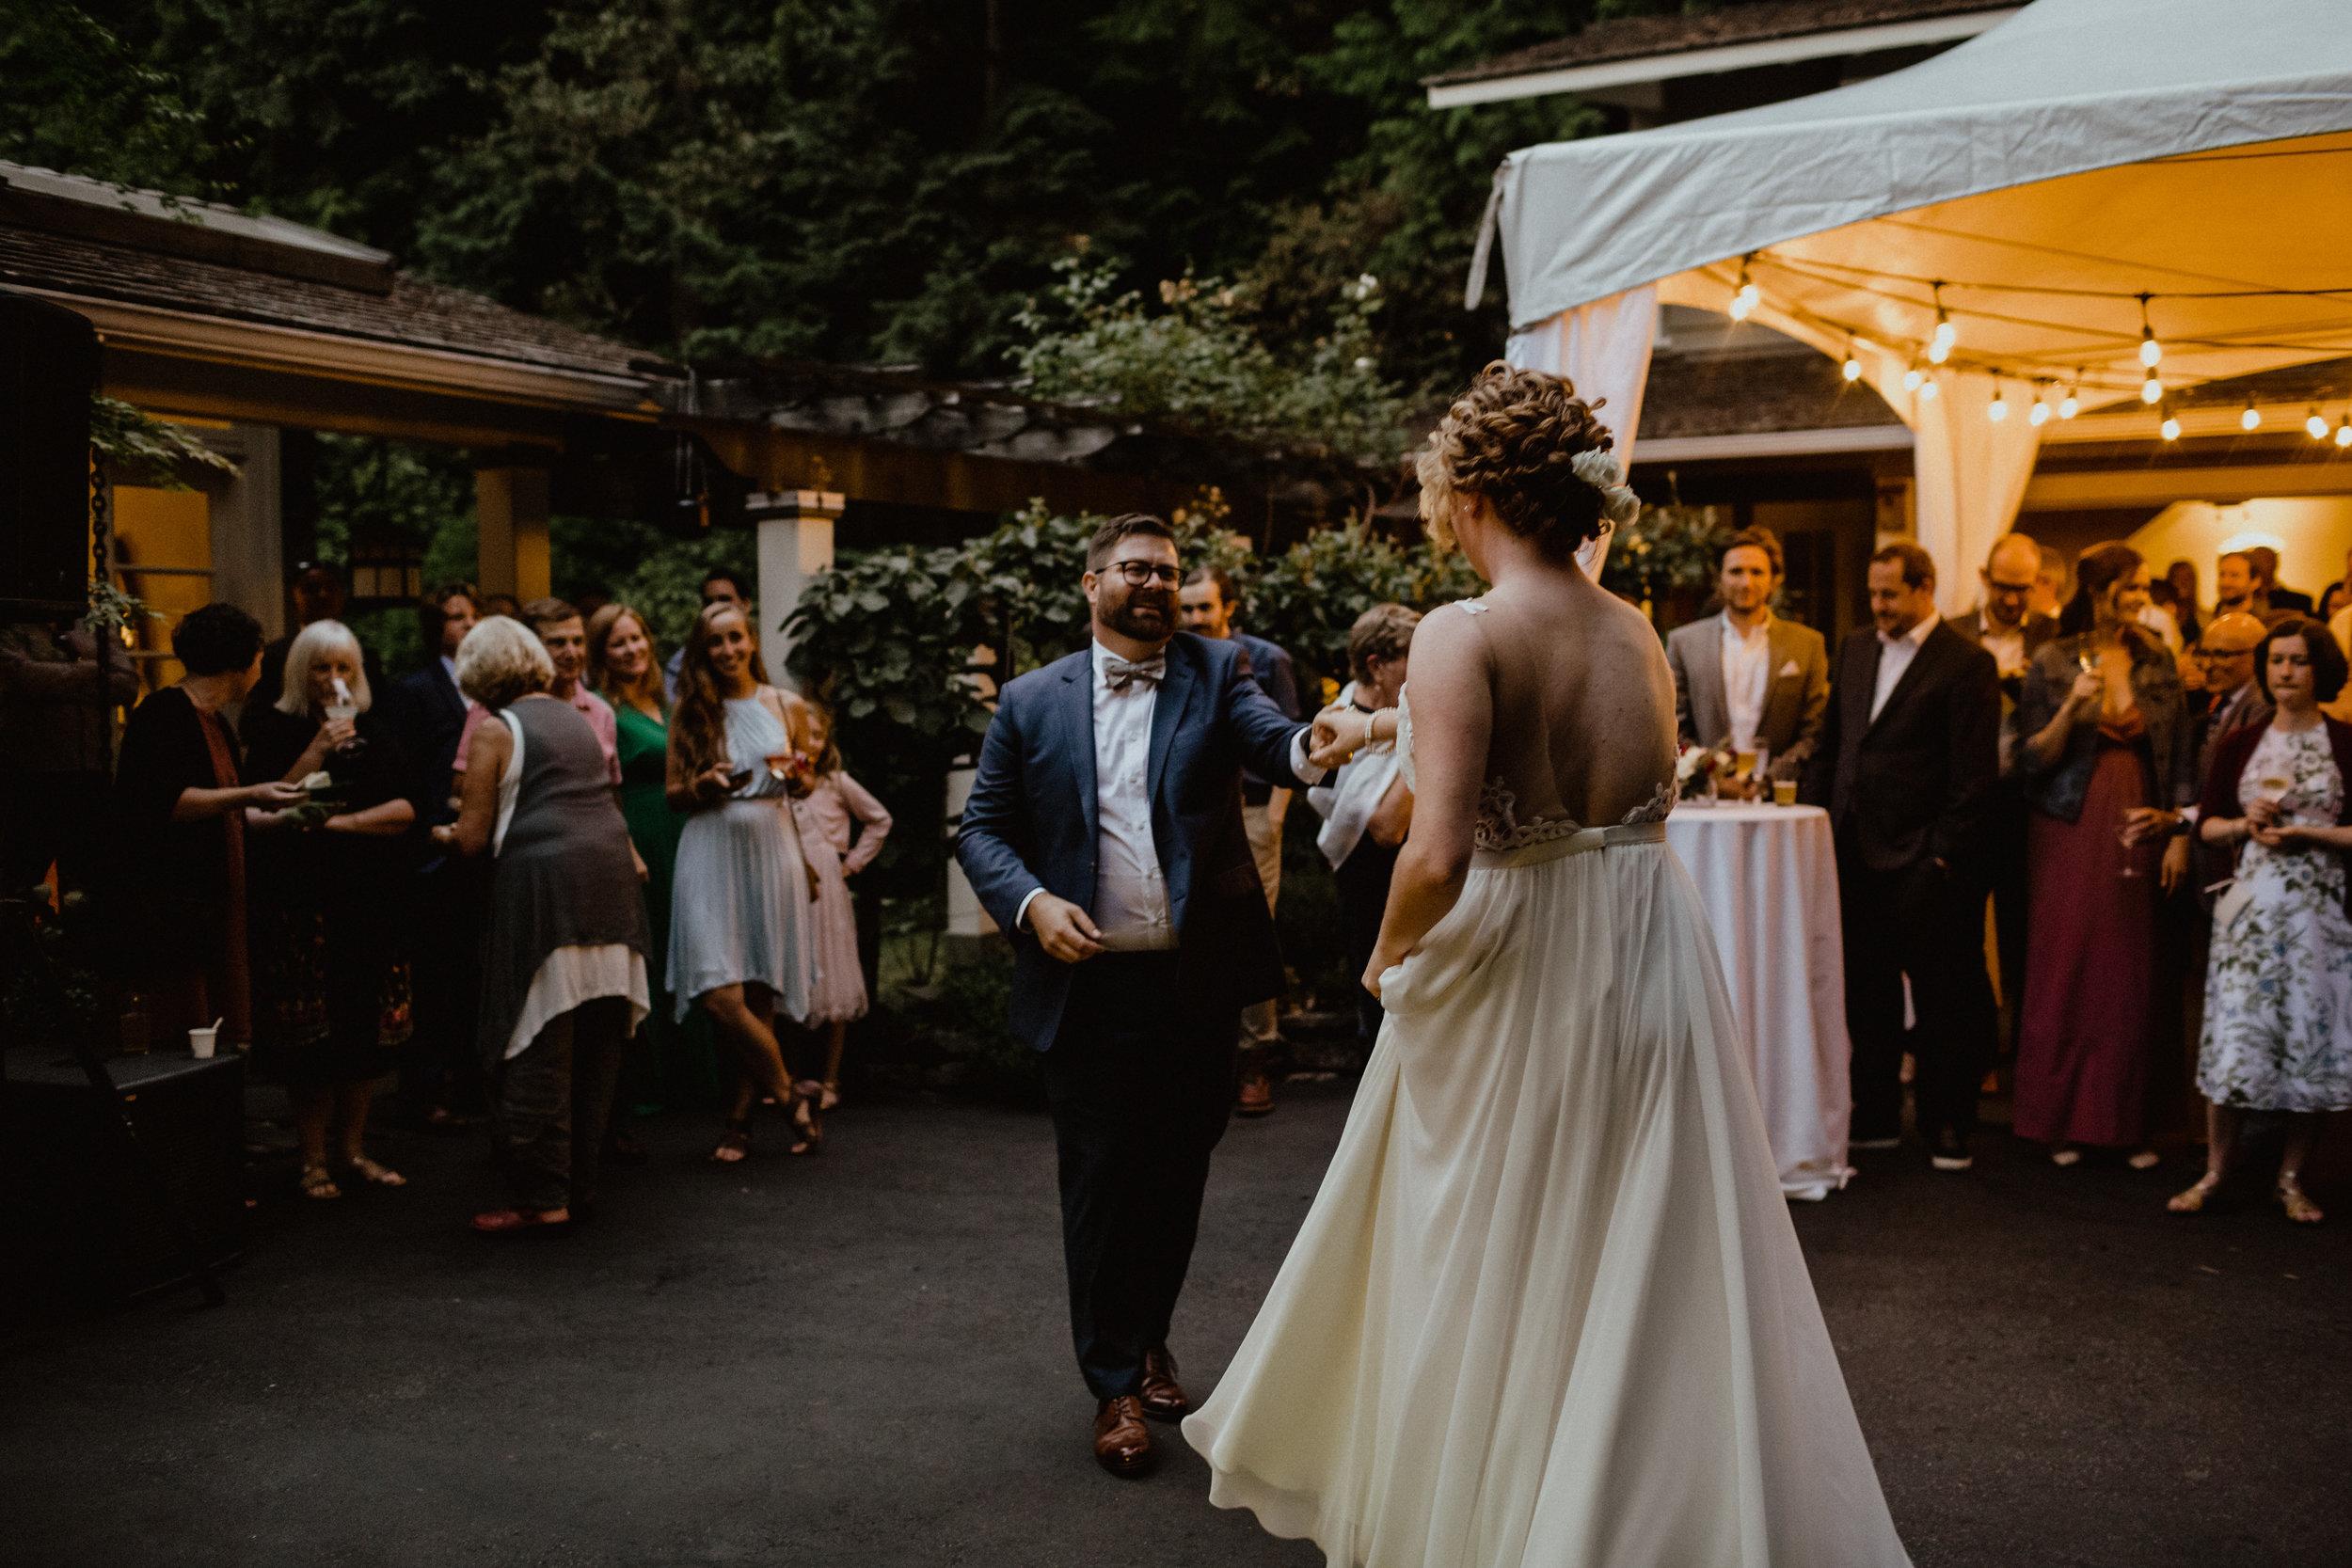 west-vancouver-backyard-wedding-287.jpg